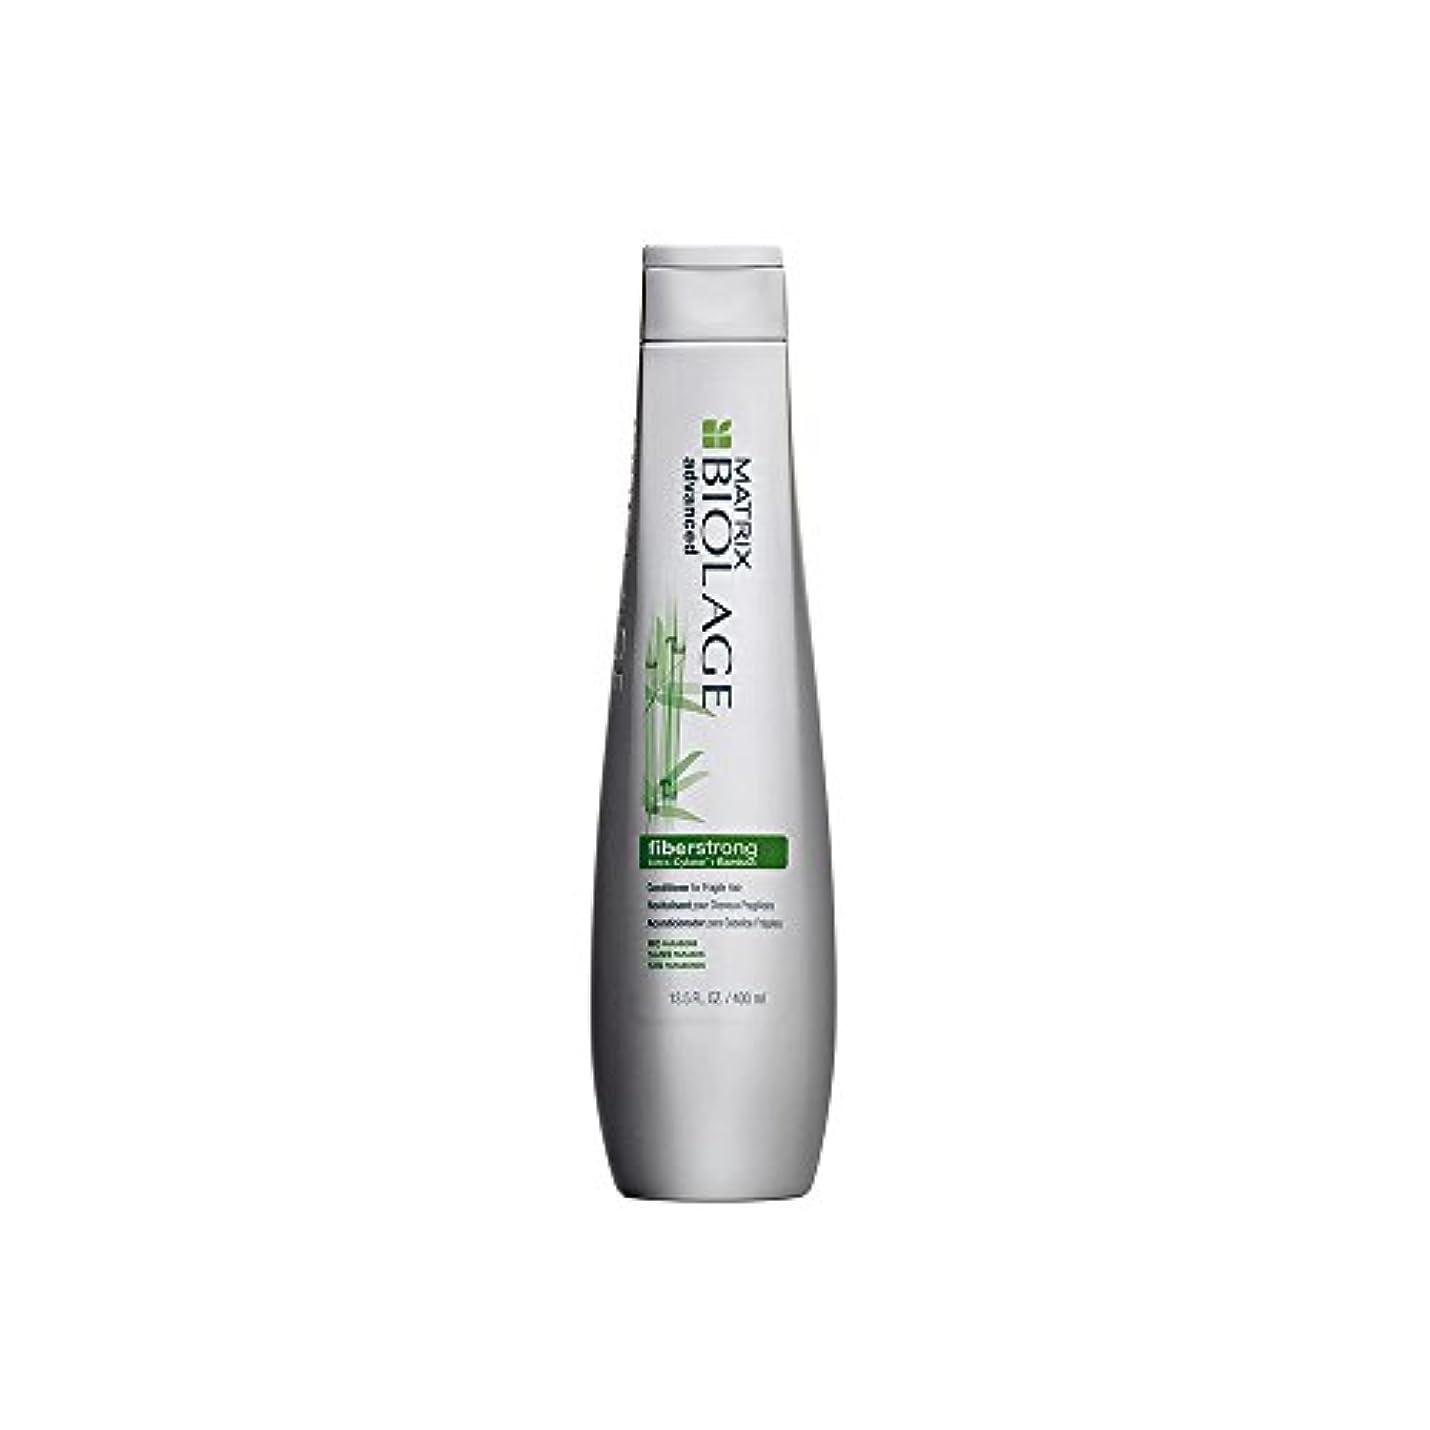 まぶしさ別れるクマノミマトリックス Biolage Advanced FiberStrong Conditioner (For Fragile Hair) 1732272 400ml [海外直送品]